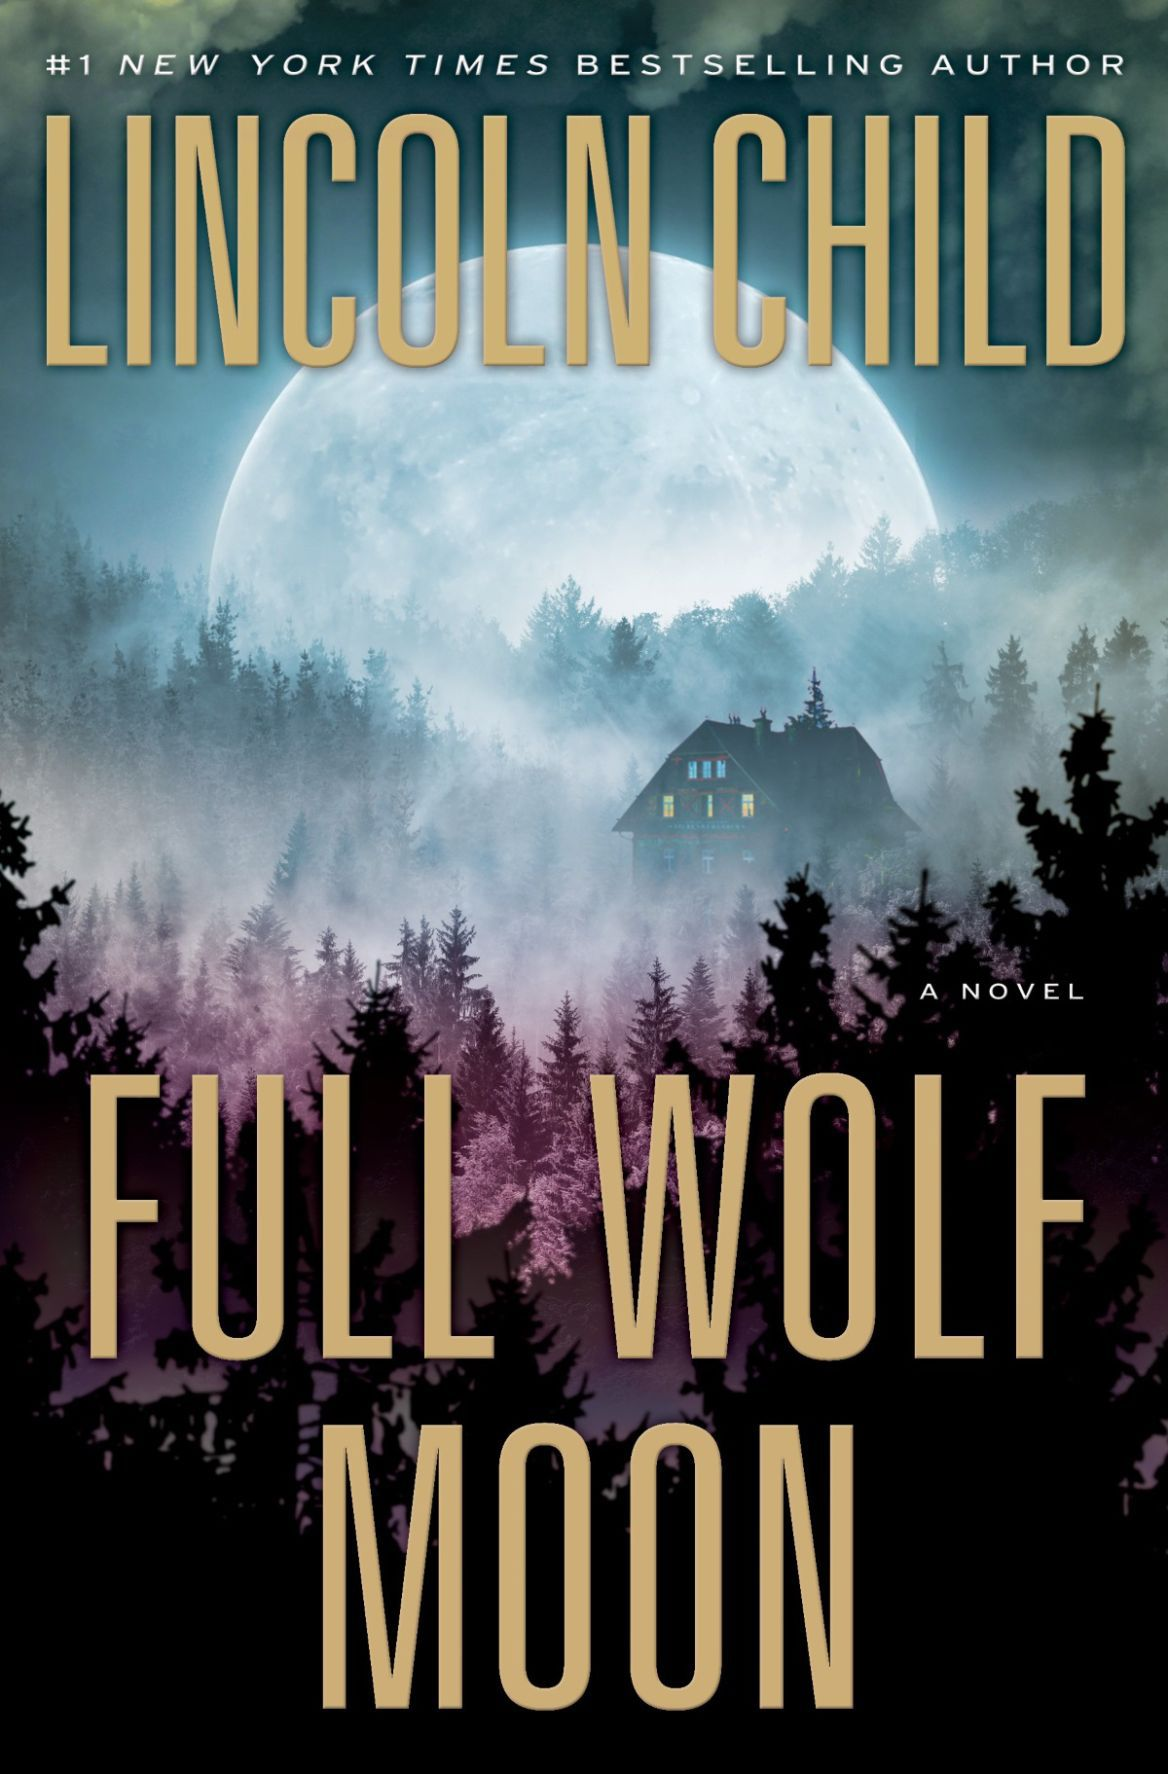 'FULL WOLF MOON'